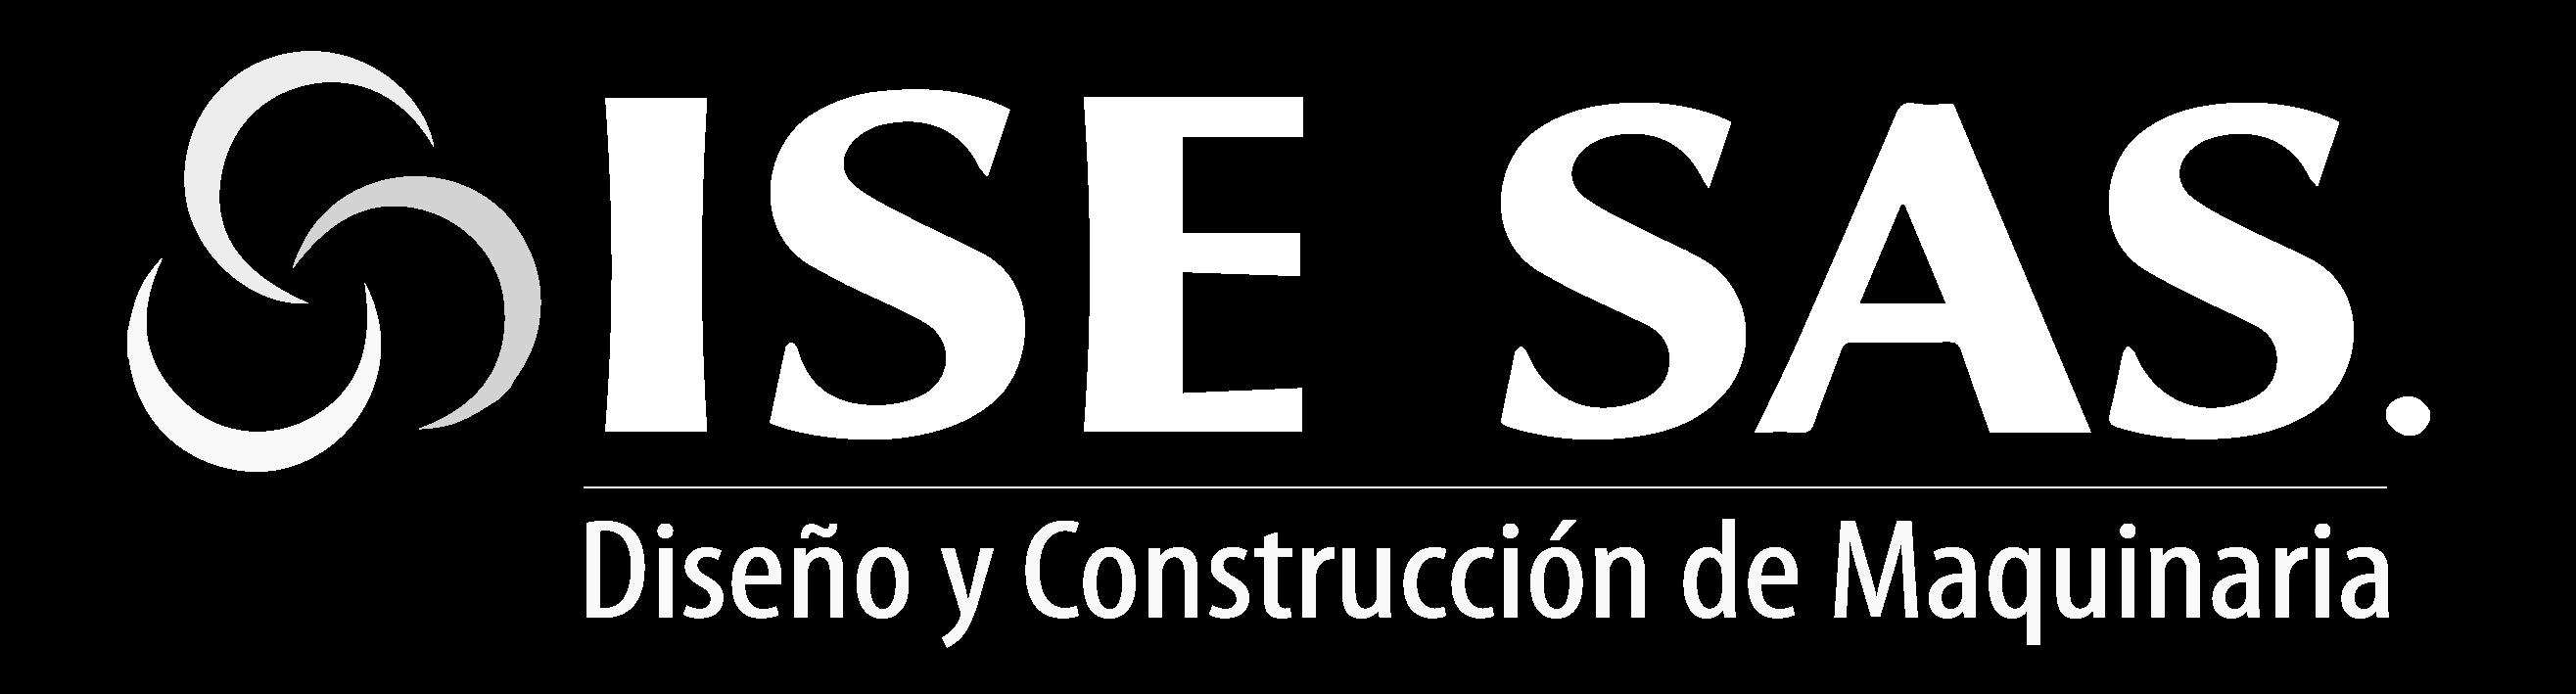 ISE - Ingeniería y servicios electromecánicos